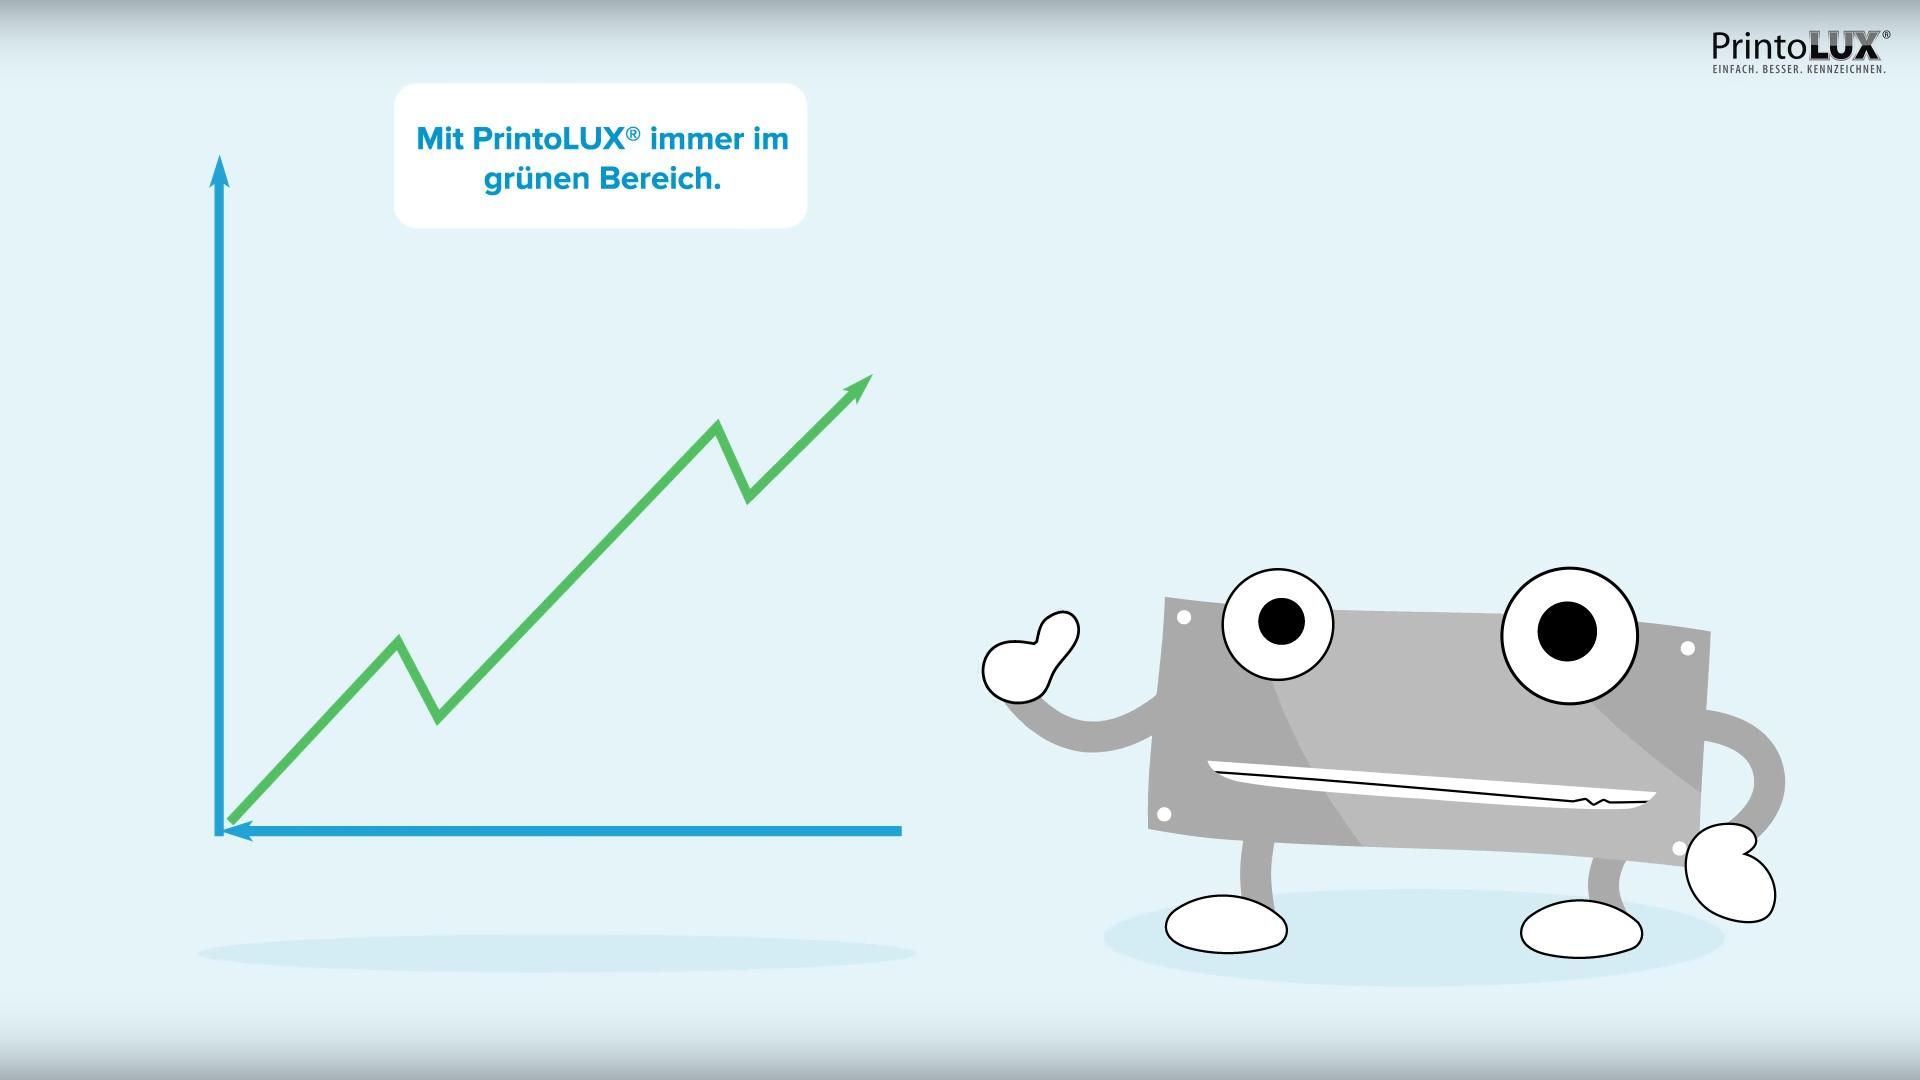 printolux-wirtschaftlichkeit